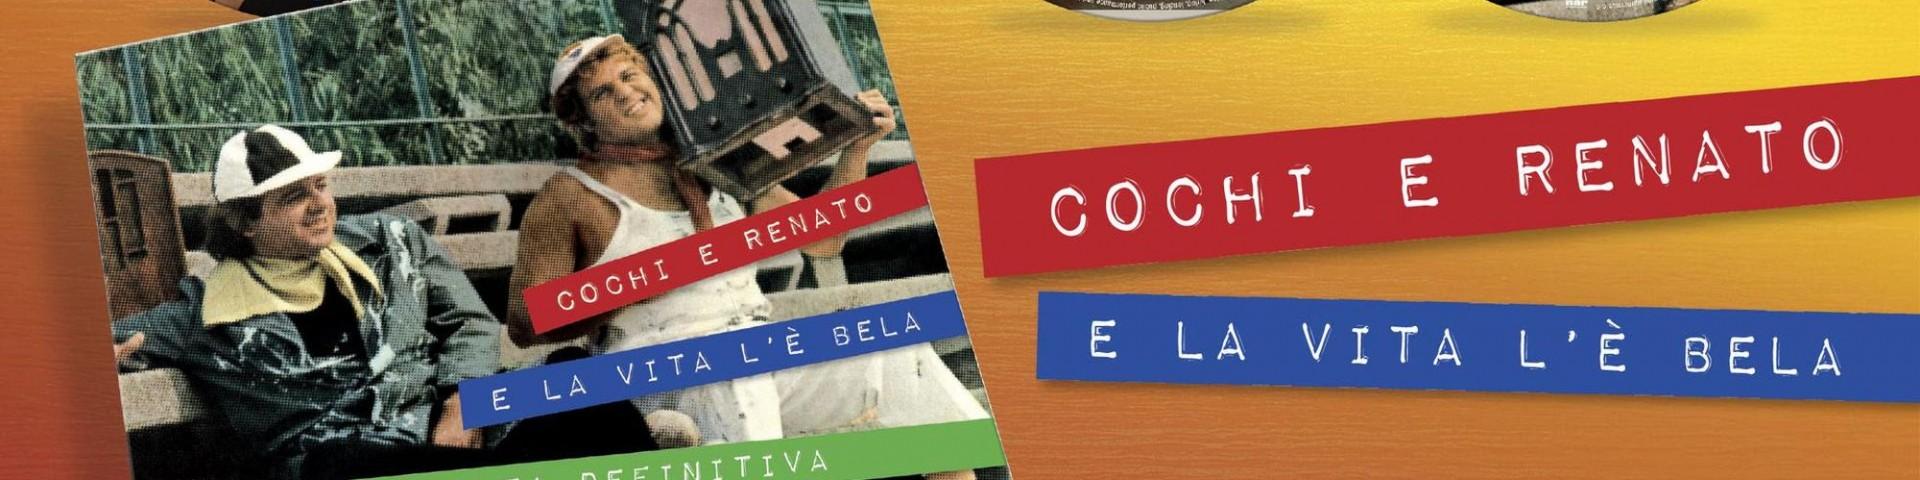 Cochi e Renato: esce la raccolta definitiva della coppia perfetta della comicità italiana